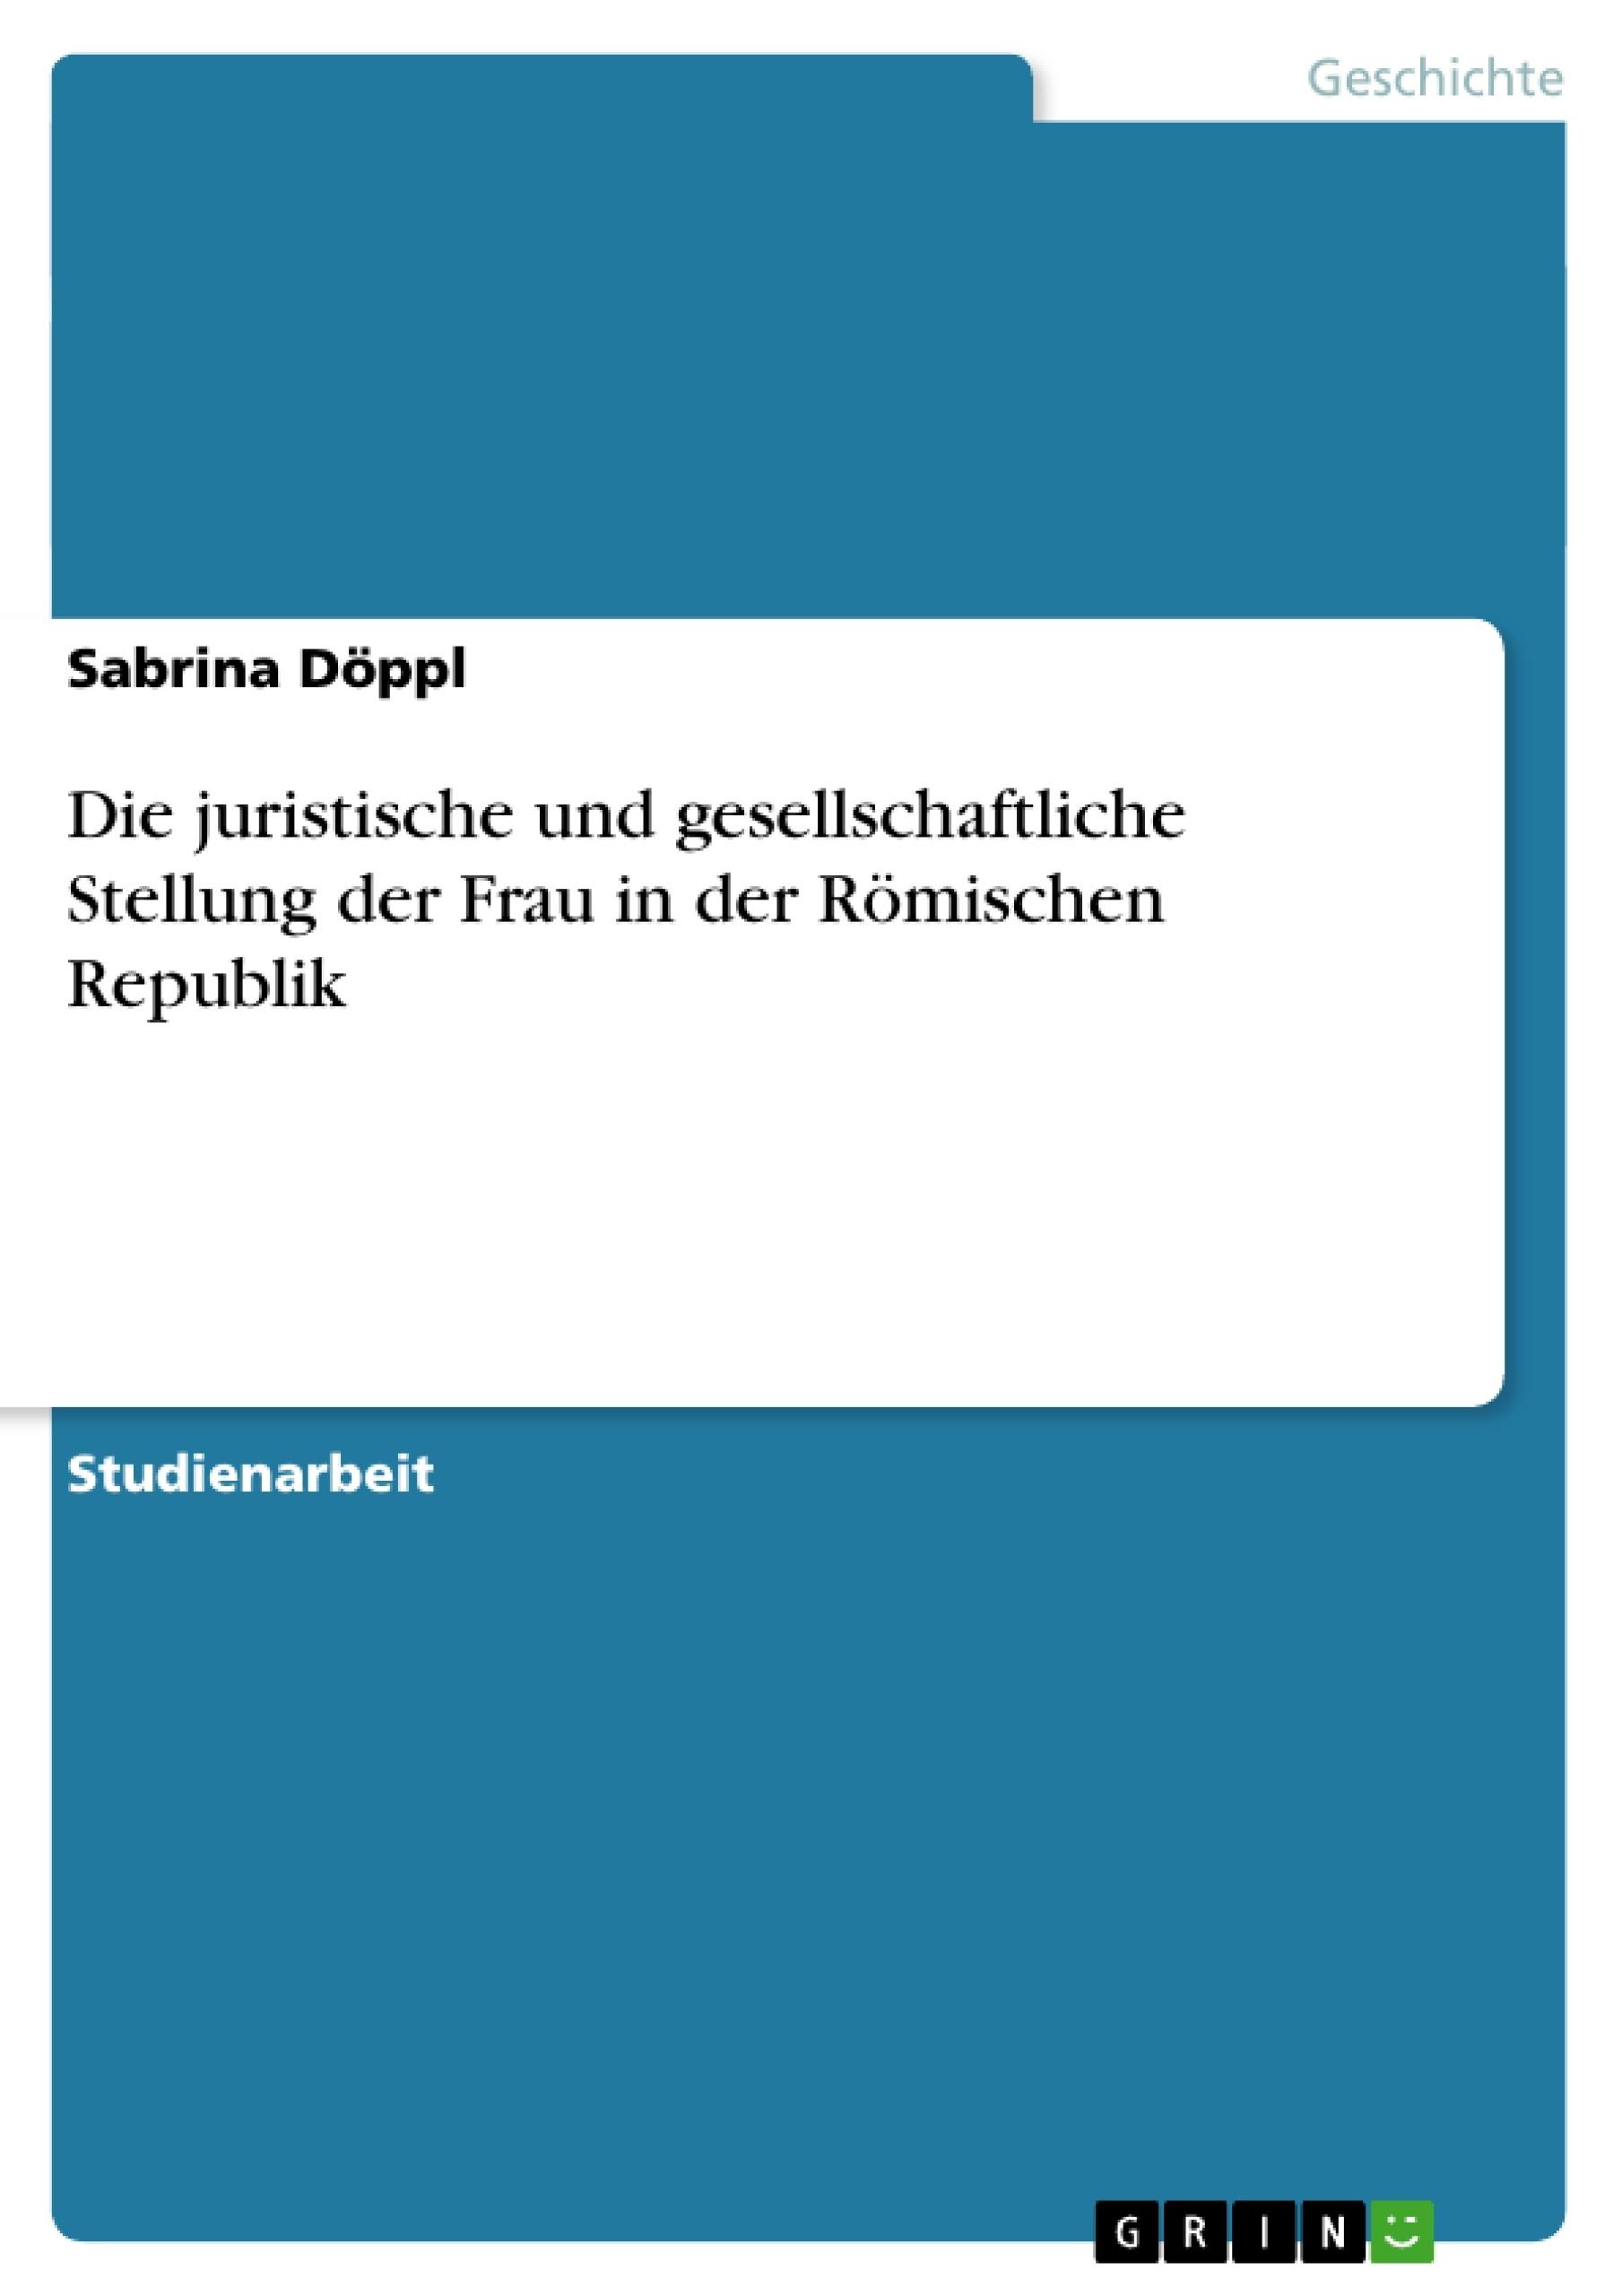 Titel: Die juristische und gesellschaftliche Stellung der Frau in der Römischen Republik